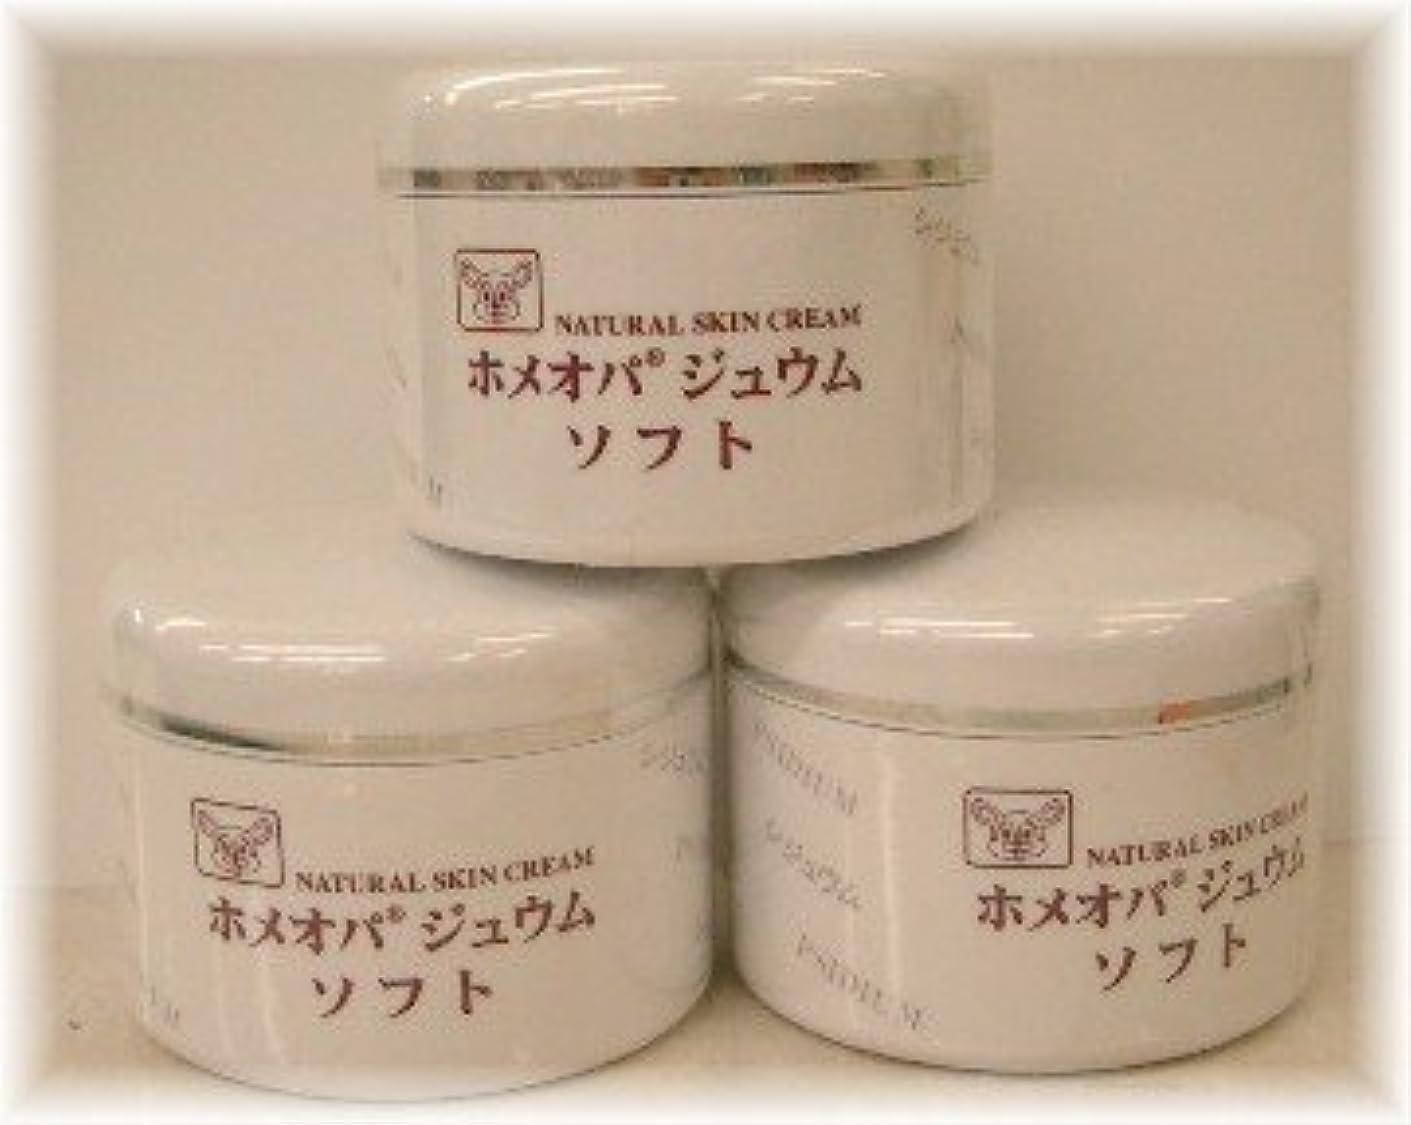 オリエンテーションセクション叫び声ホメオパジュウム スキンケア商品3点¥10500クリームソフトx3個